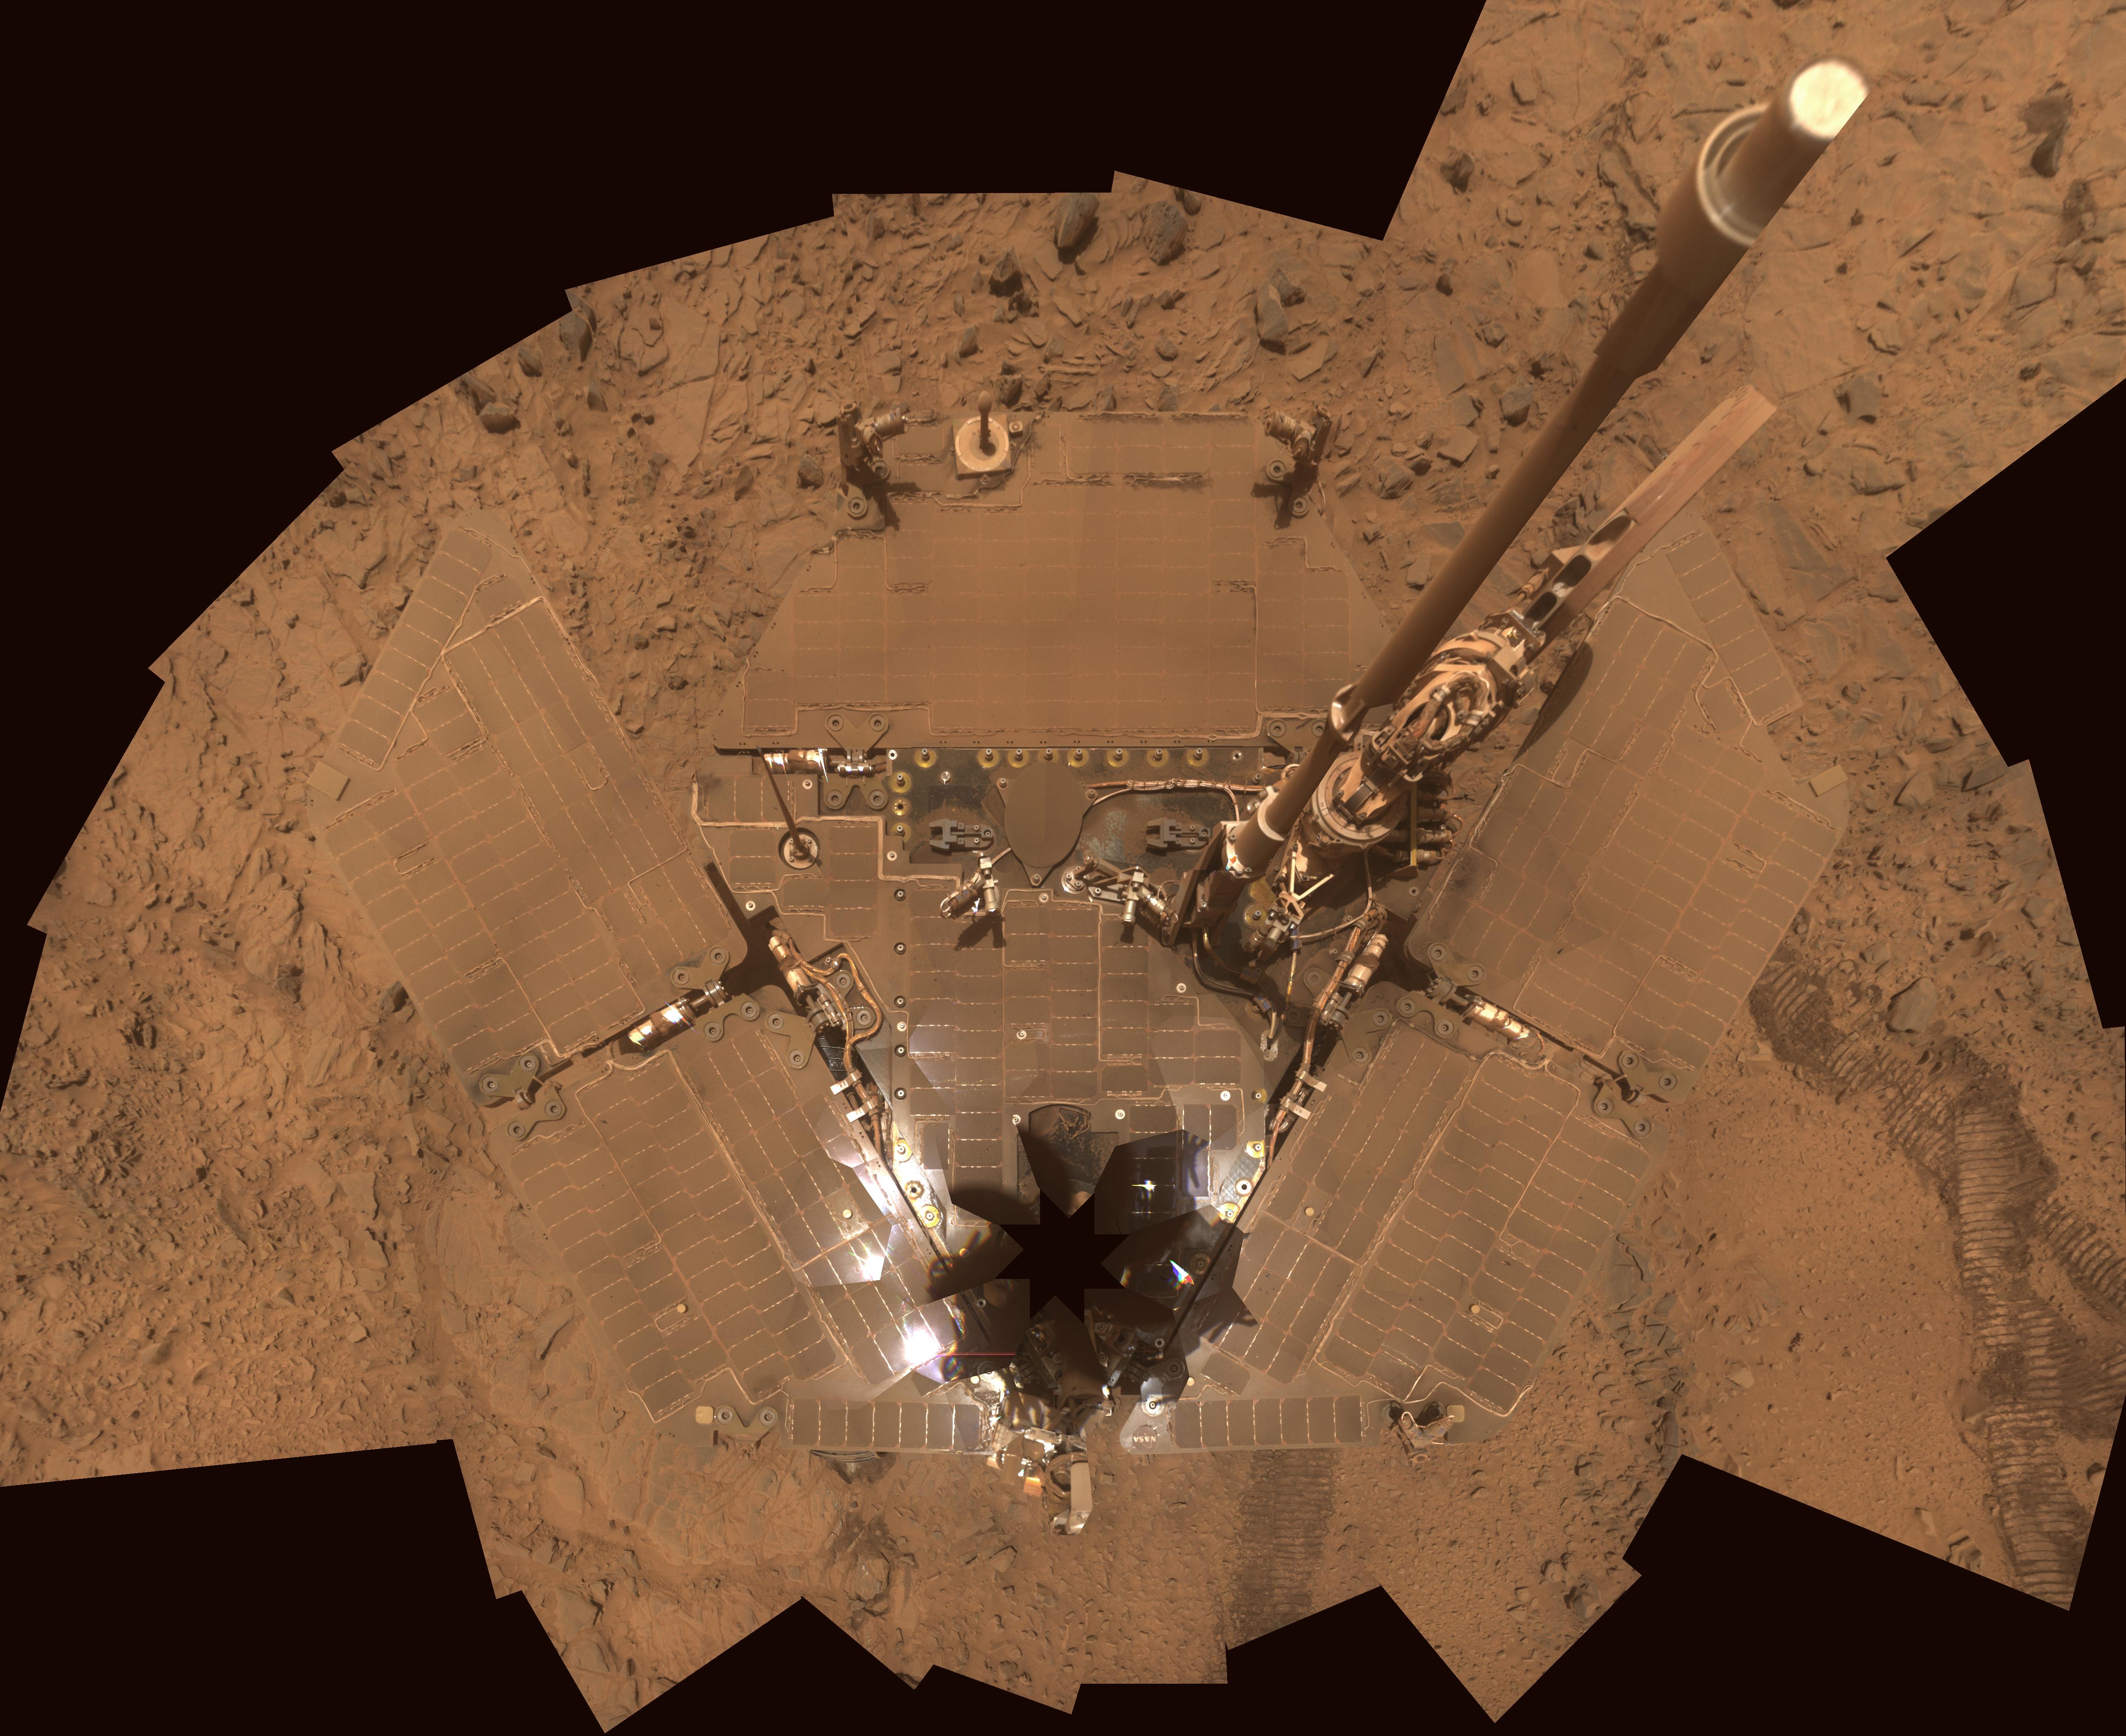 NASA/JPL-Caltech/Cornell